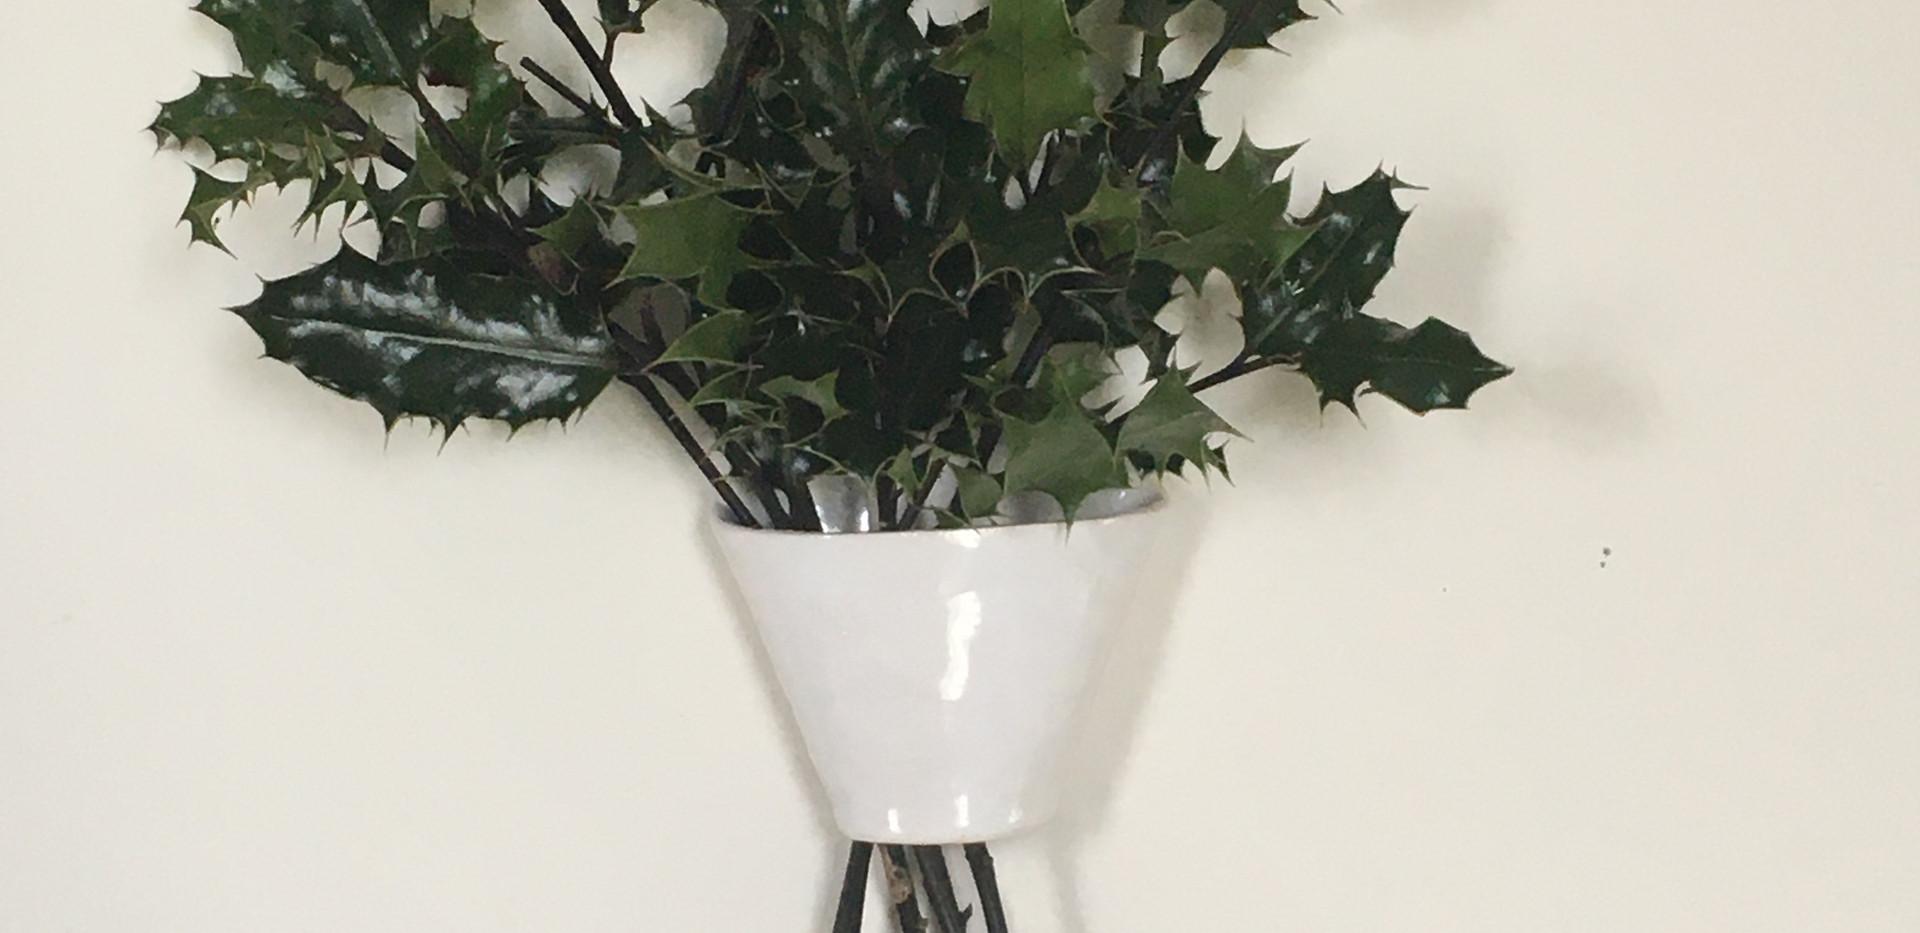 Holds Holiday Foliage